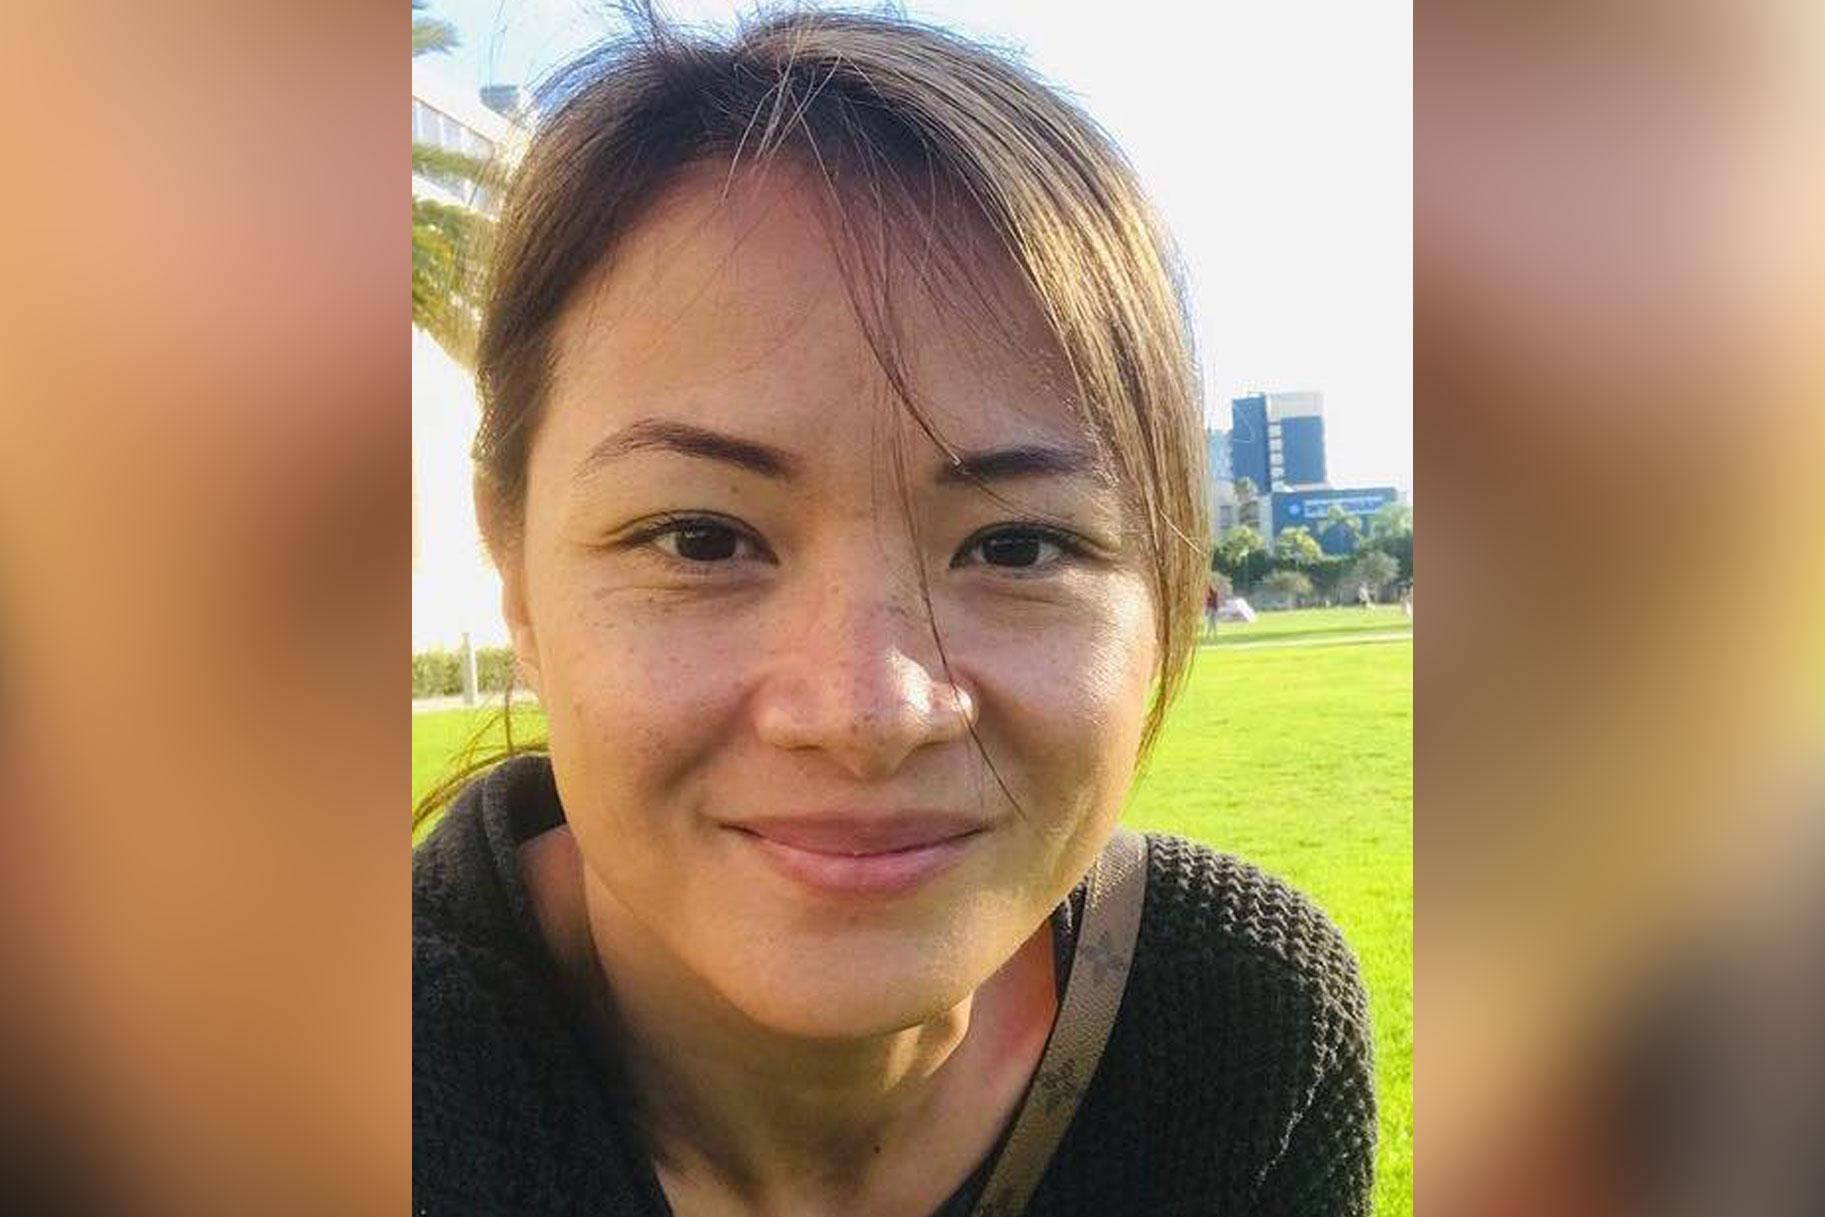 אמא נעדרת בת 3 קבעה פגישה עם עורך דין גירושין ביום בו היא נעלמה, אומרת האחות